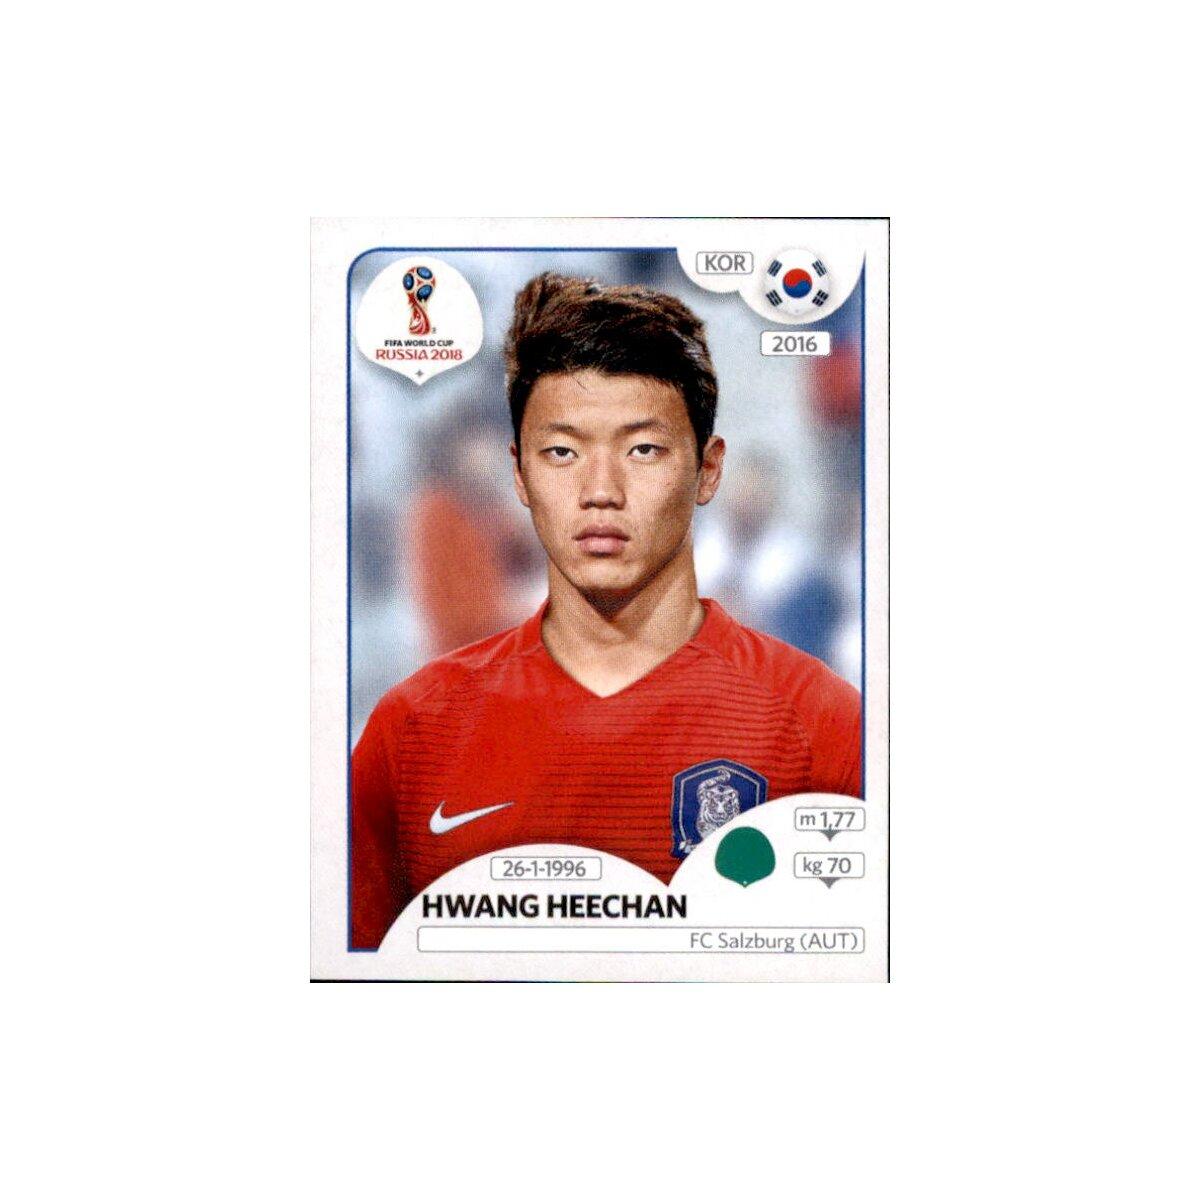 Mannschaftspaket Südkorea Sticker 493-511 Panini WM 2018 Russia Sticker